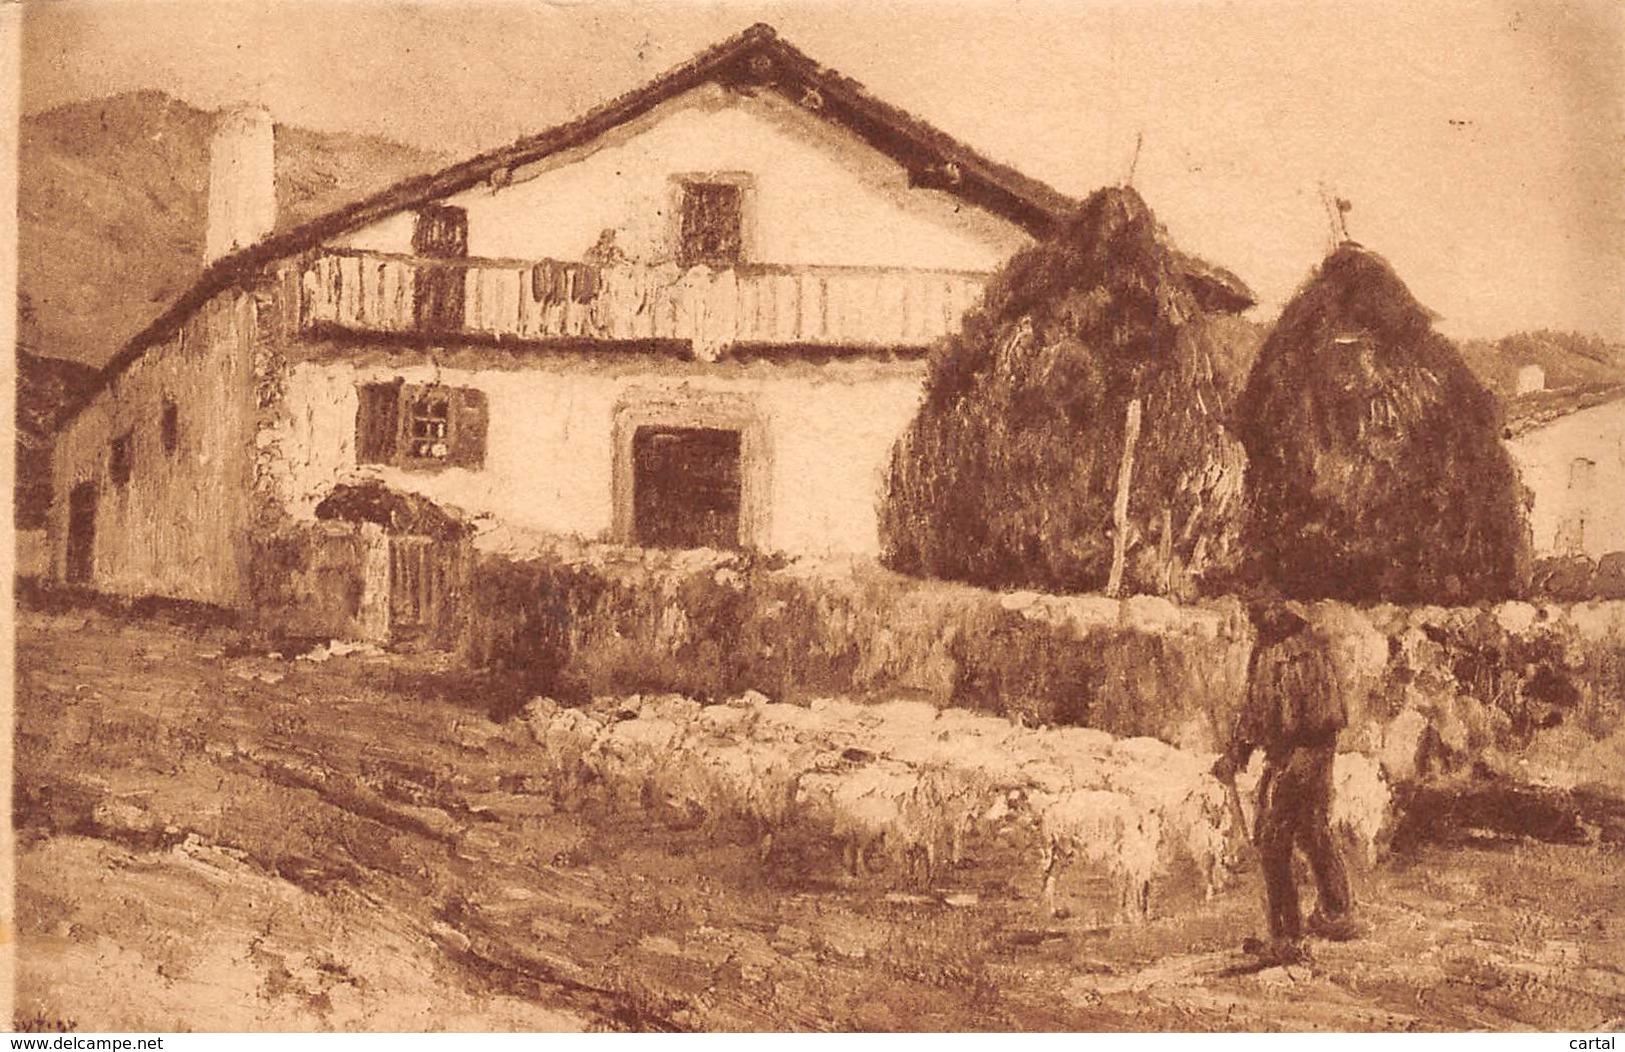 64 - PAYS BASQUE - Ferme Basque à Ossès - D'après Une Peinture De Floutier - France